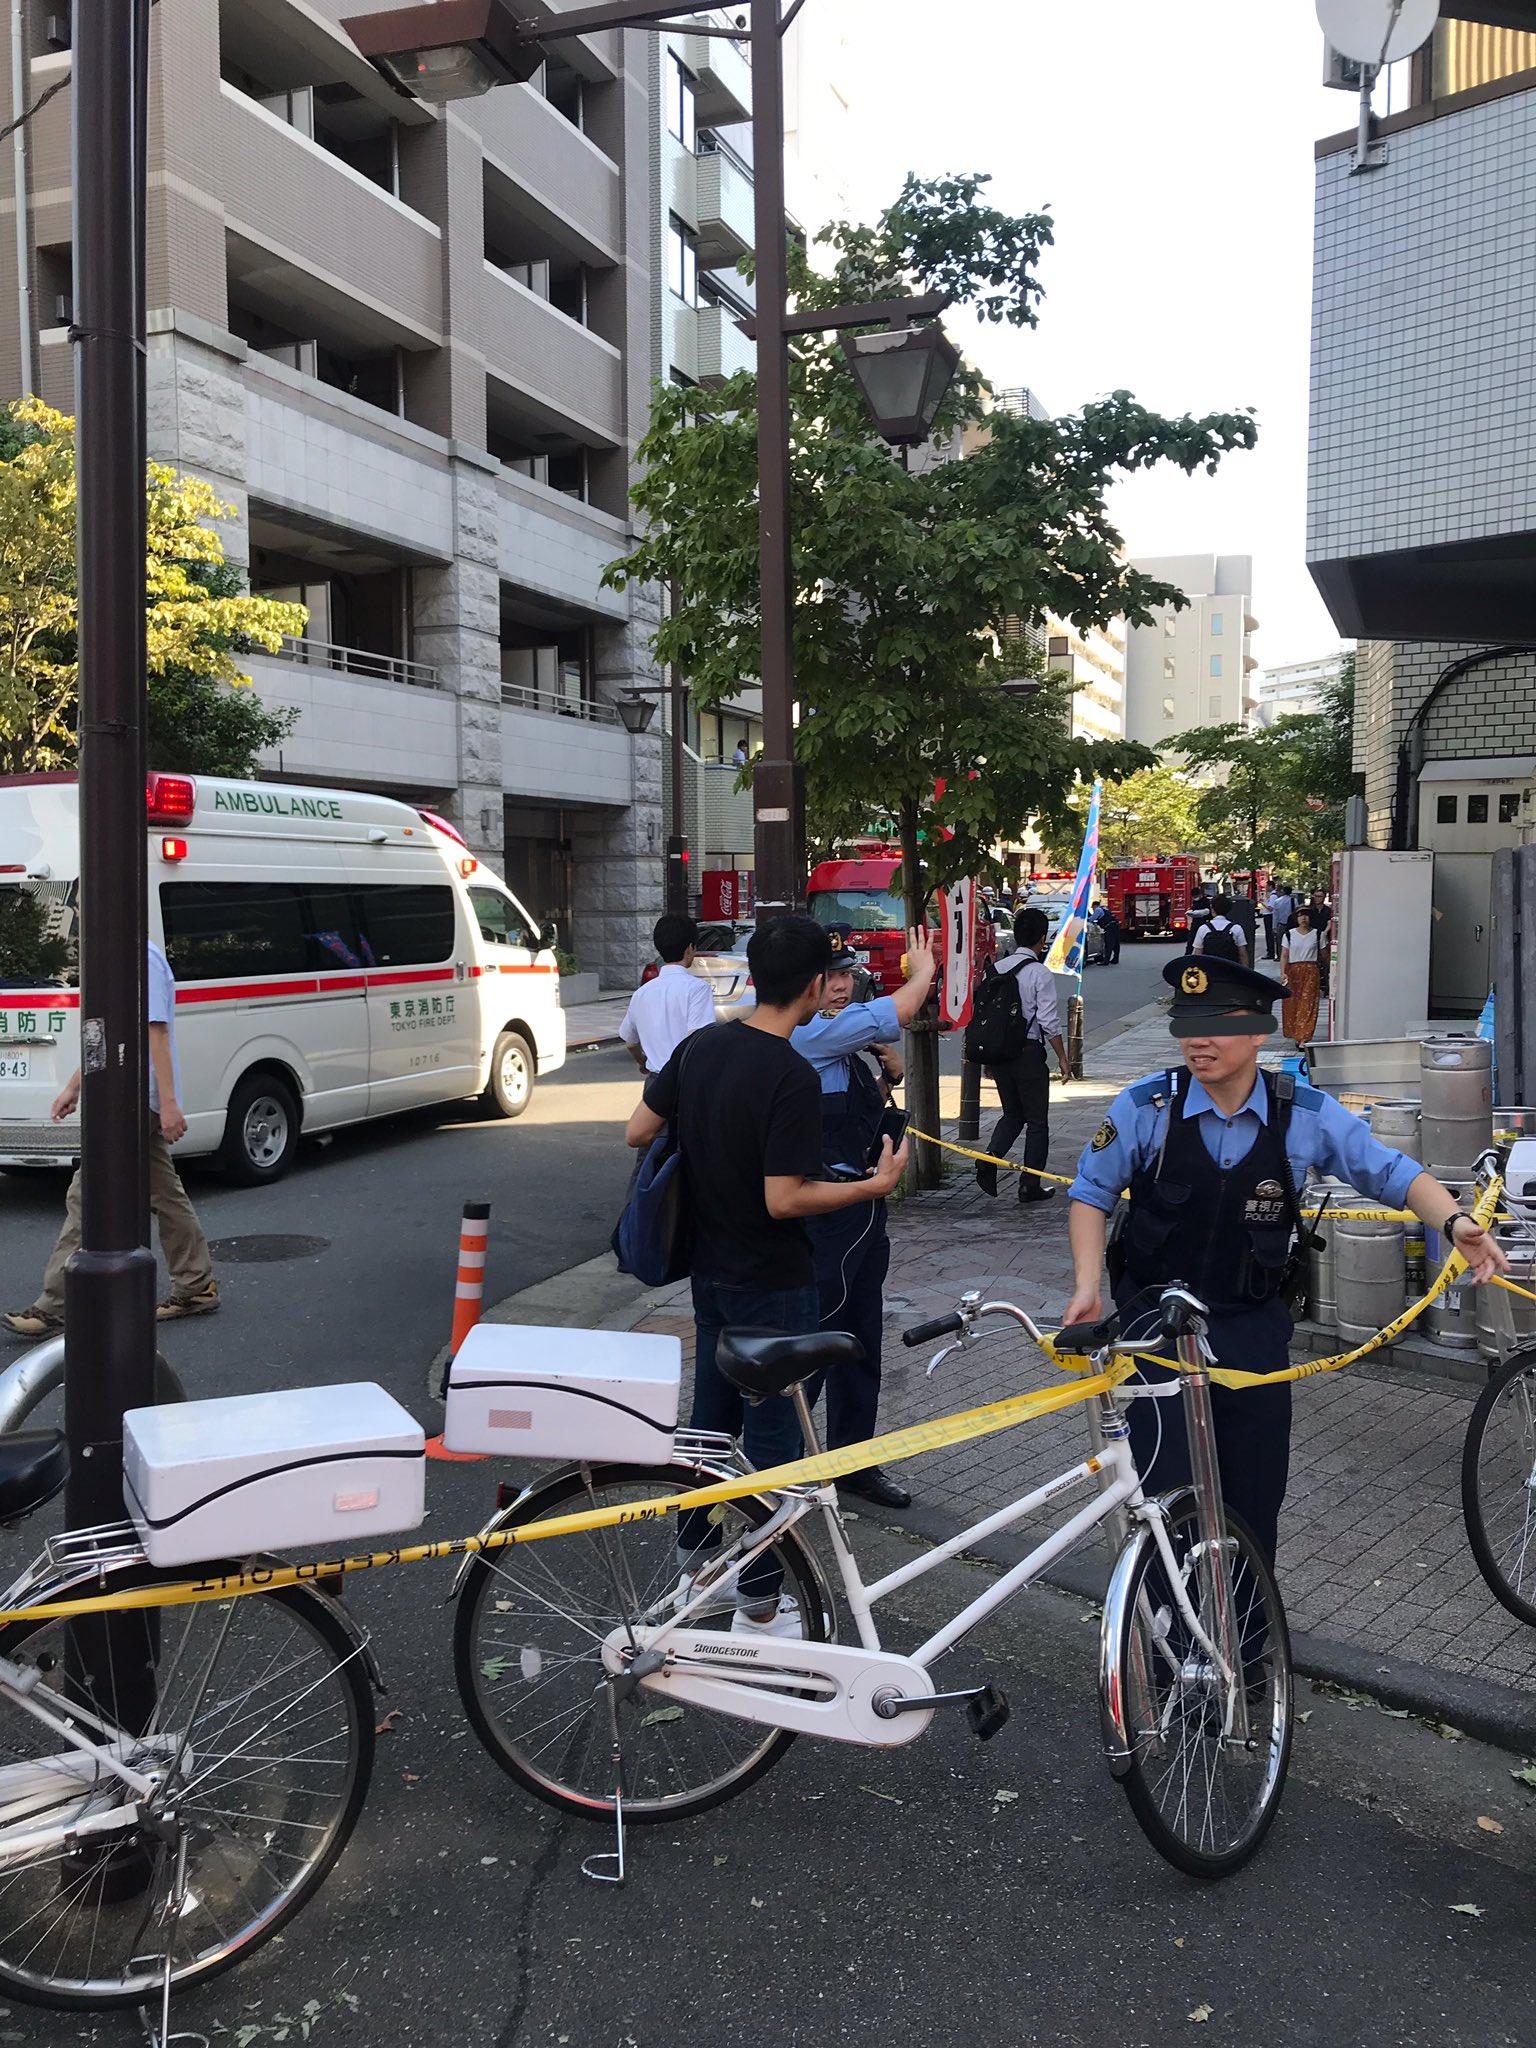 画像,芝浦二丁目の100円ローソンに消防と警察いっぱい来てた行きつけだったけどしばらく行けなくなりそう https://t.co/UpZQLt0o1o…